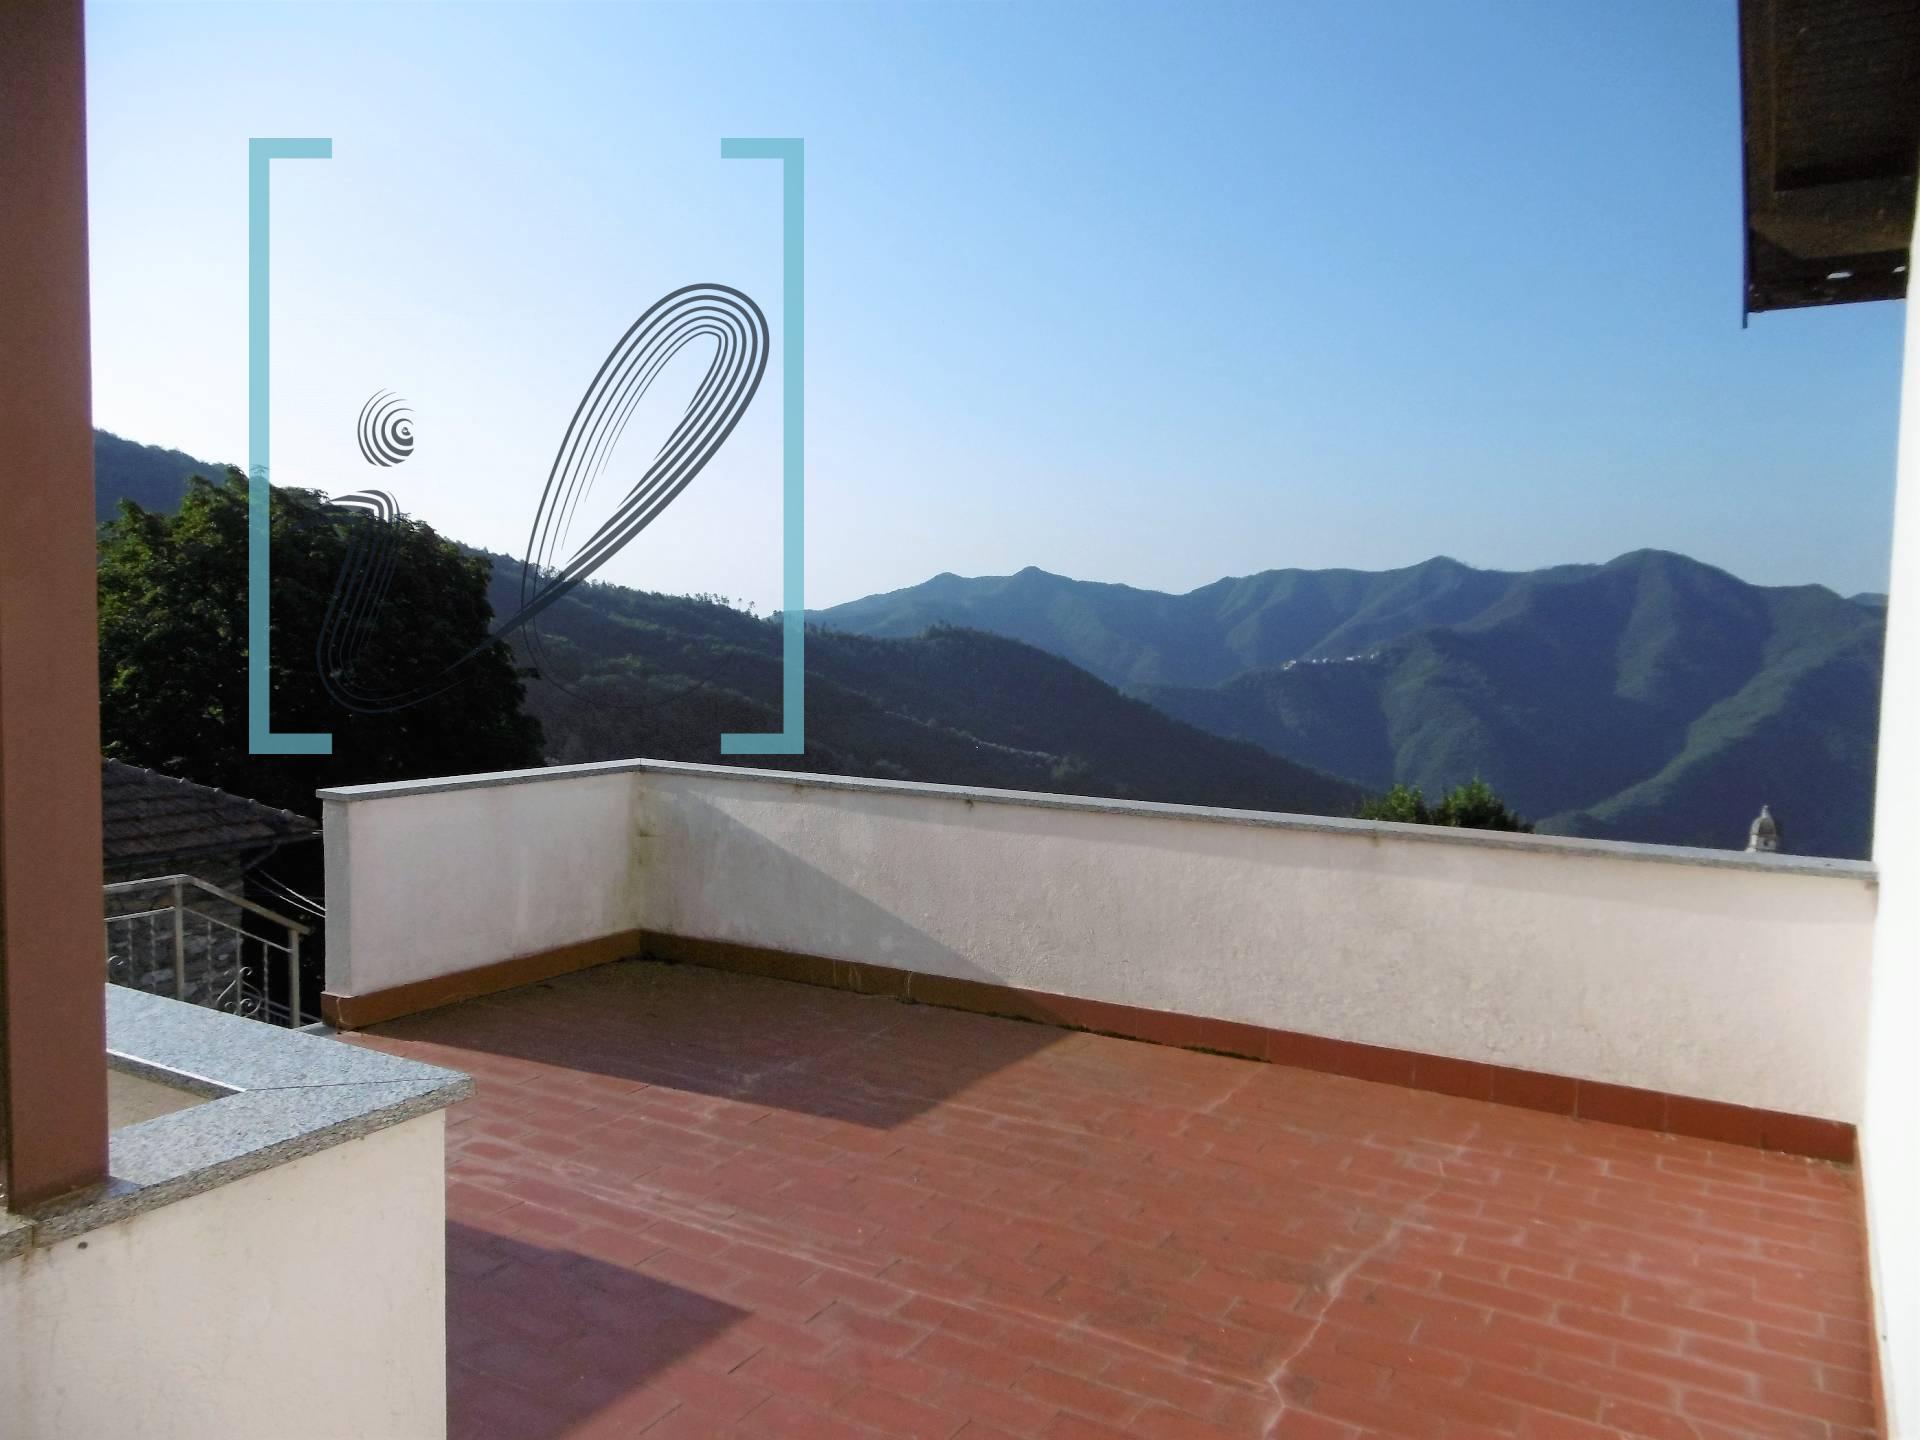 Appartamento in vendita a Borghetto d'Arroscia, 4 locali, zona Zona: Gavenola, prezzo € 68.000 | CambioCasa.it